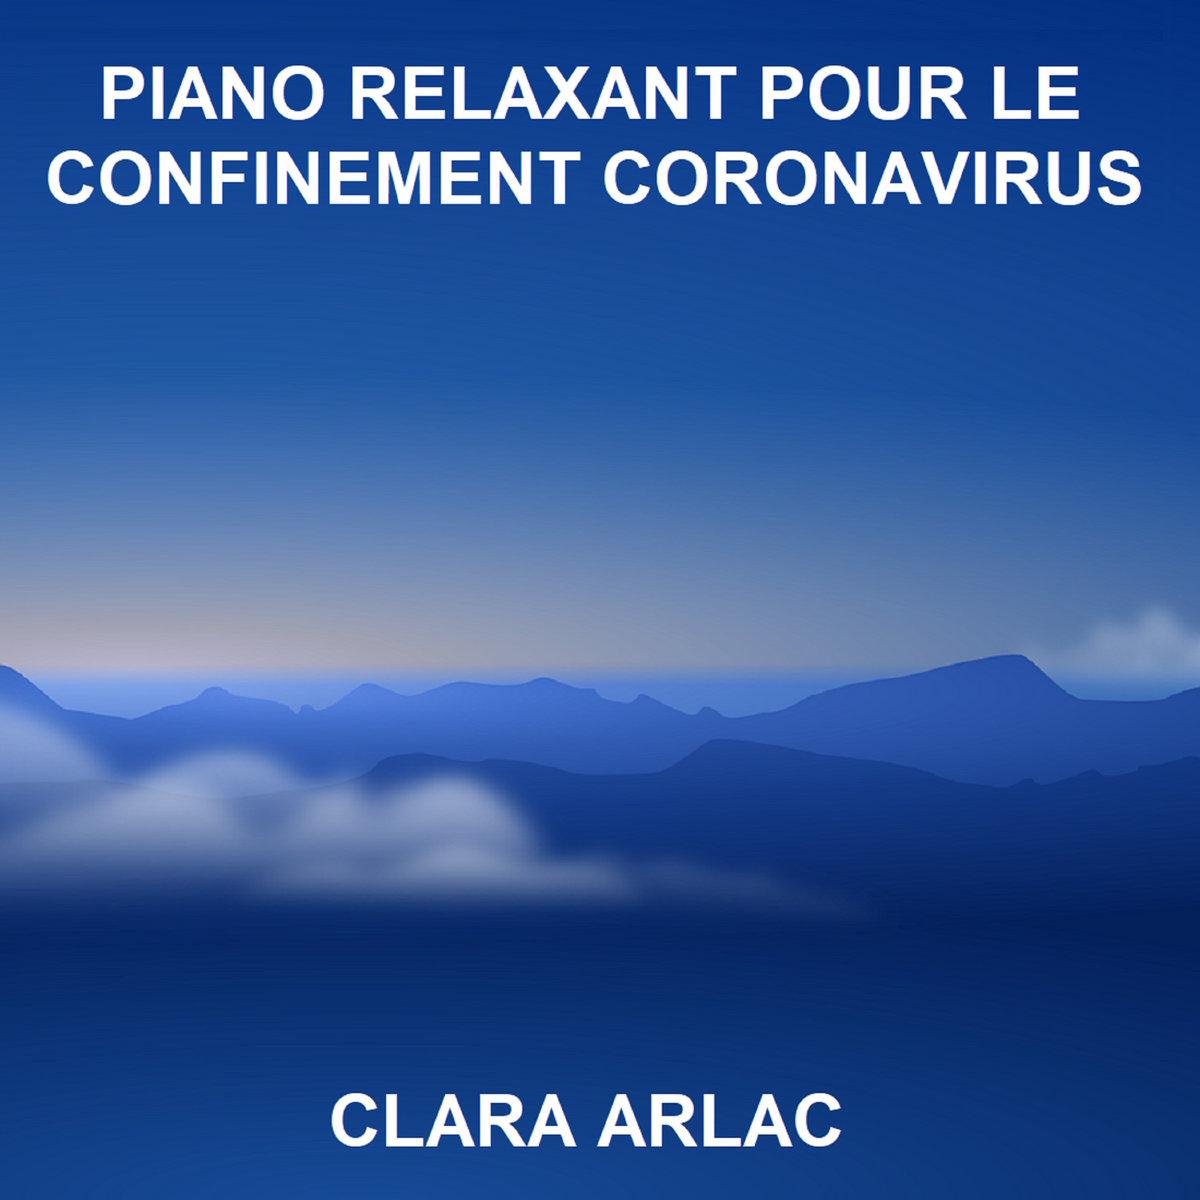 Relaxation - Musique Relaxante Pour Le Confinement serapportantà Image Relaxante